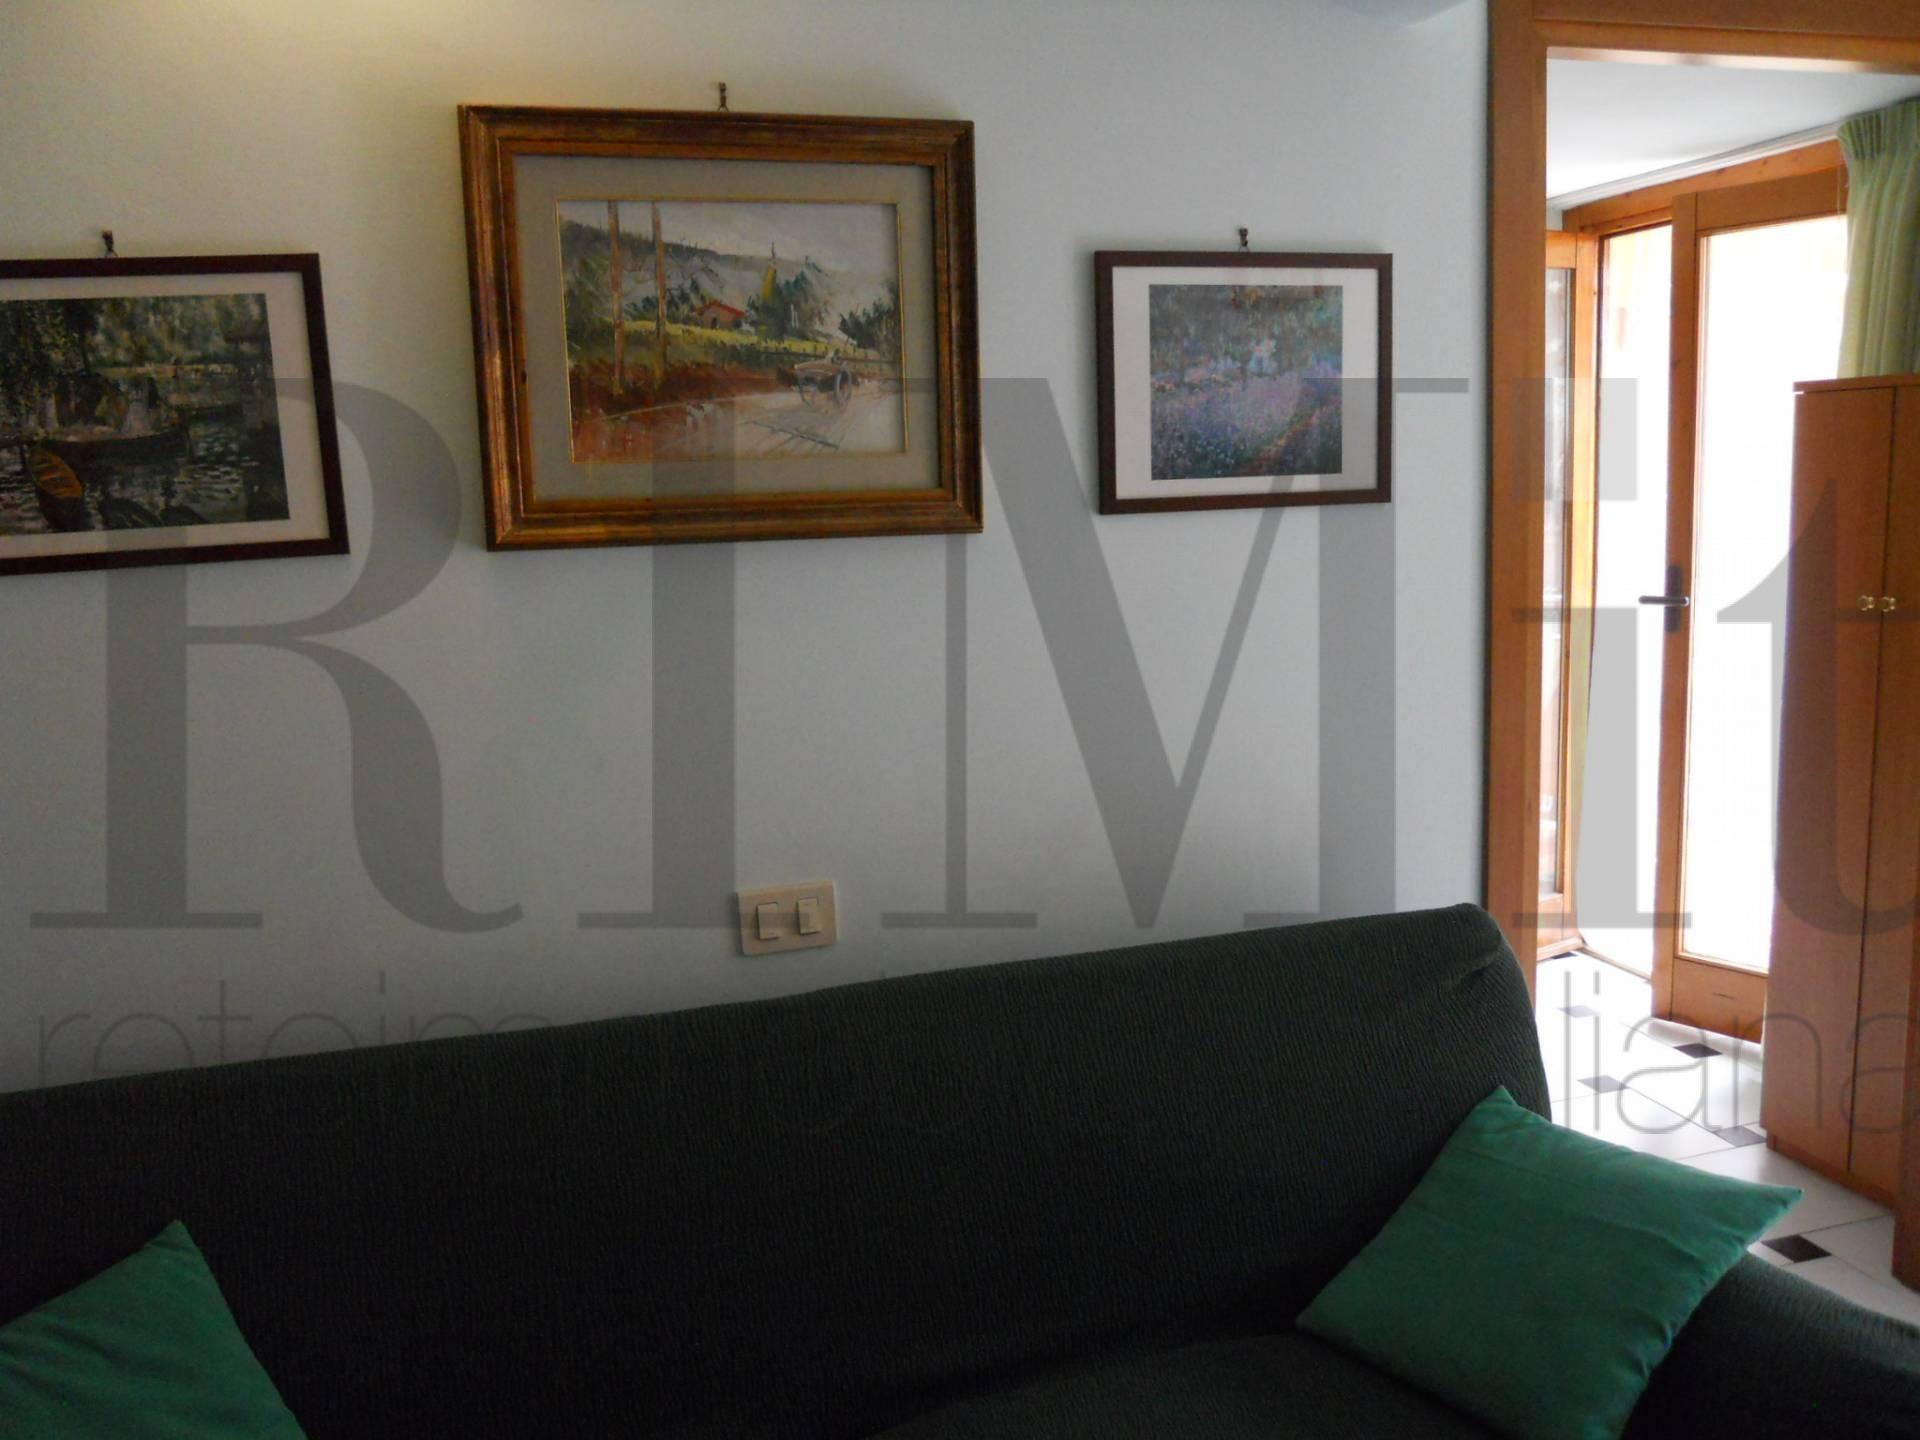 Appartamento in vendita a Loano, 2 locali, zona Località: ZonaOlivette, prezzo € 180.000 | CambioCasa.it